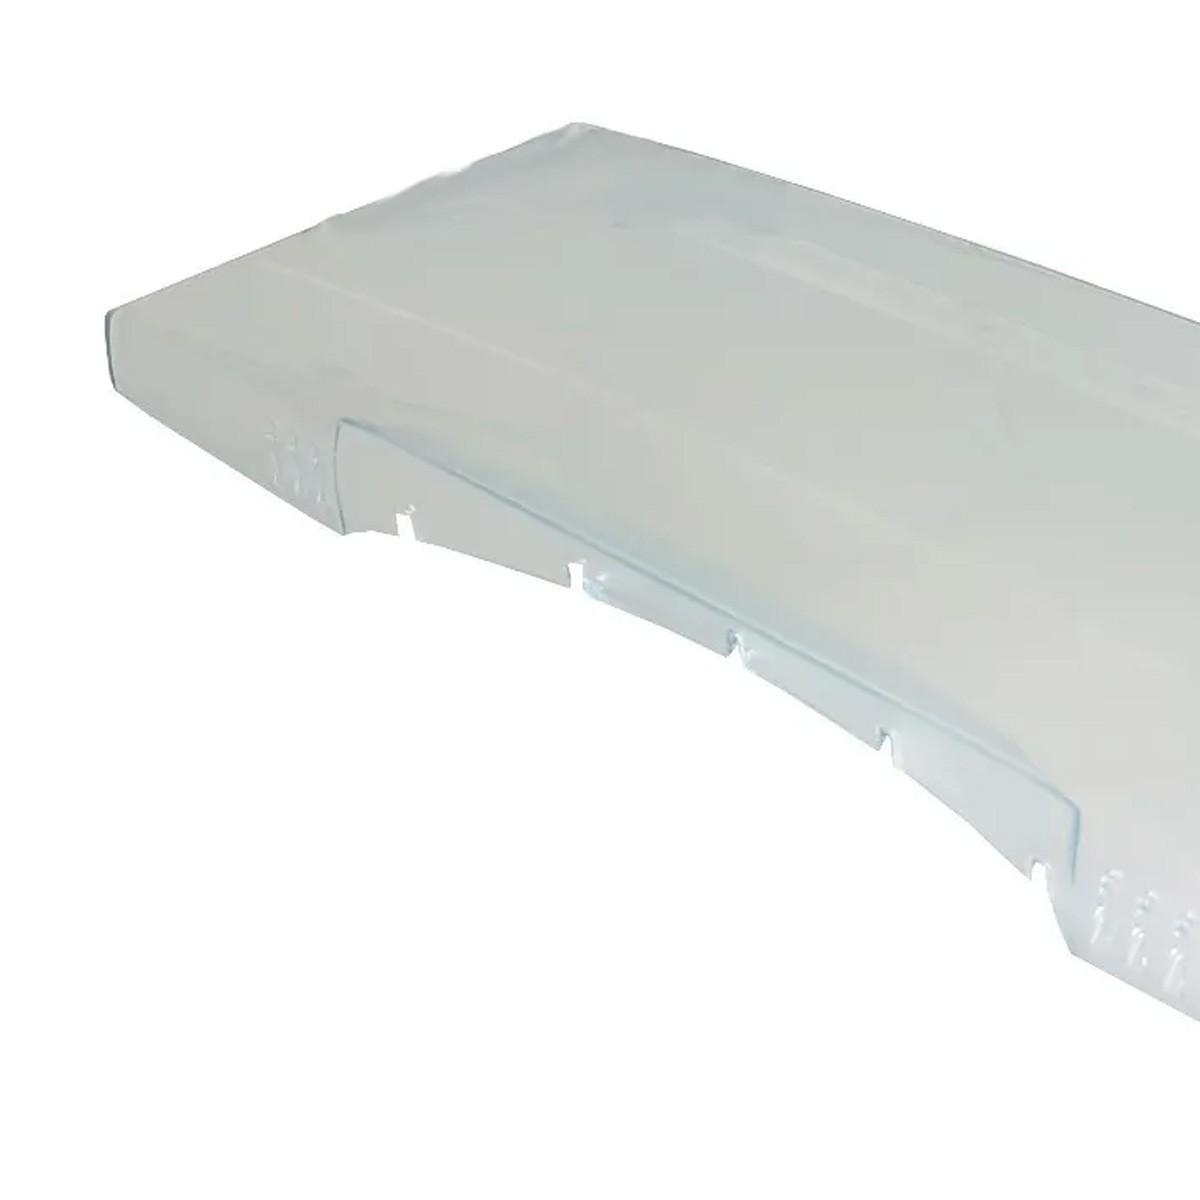 Kit com 5 Tampas Frontal Da Gaveta Cesto Para Freezer Vertical Electrolux - 77187372